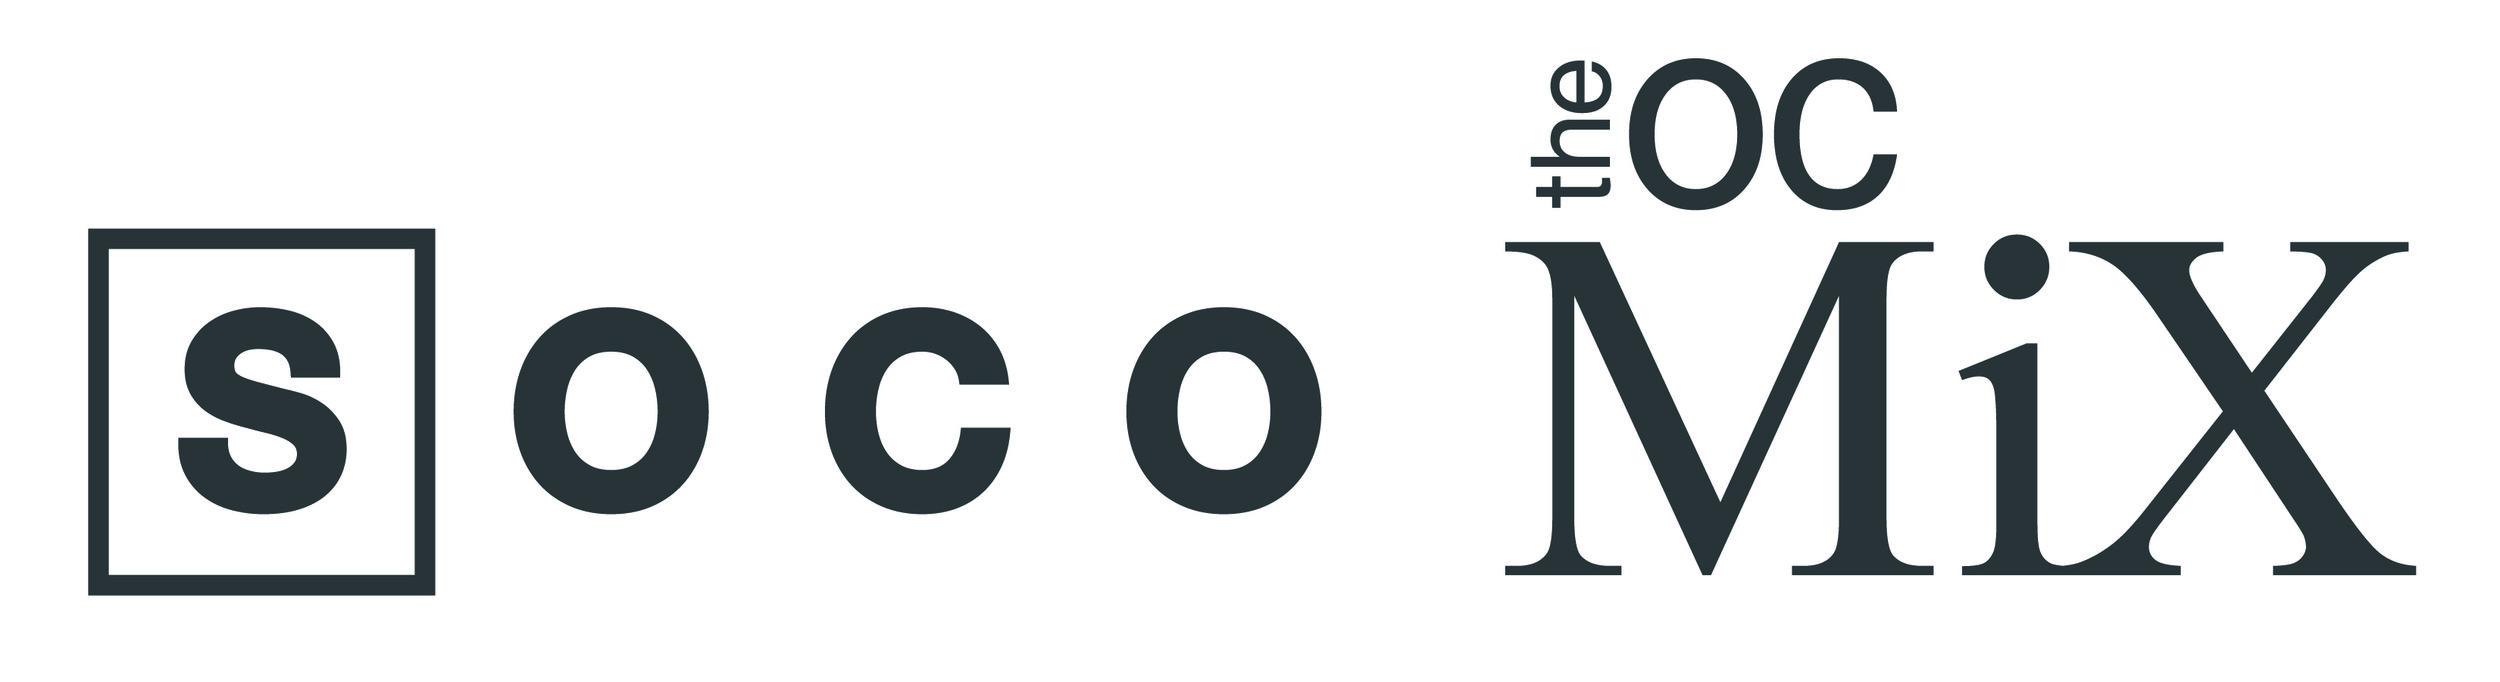 SOCOMix-Logo-CMYK.jpg